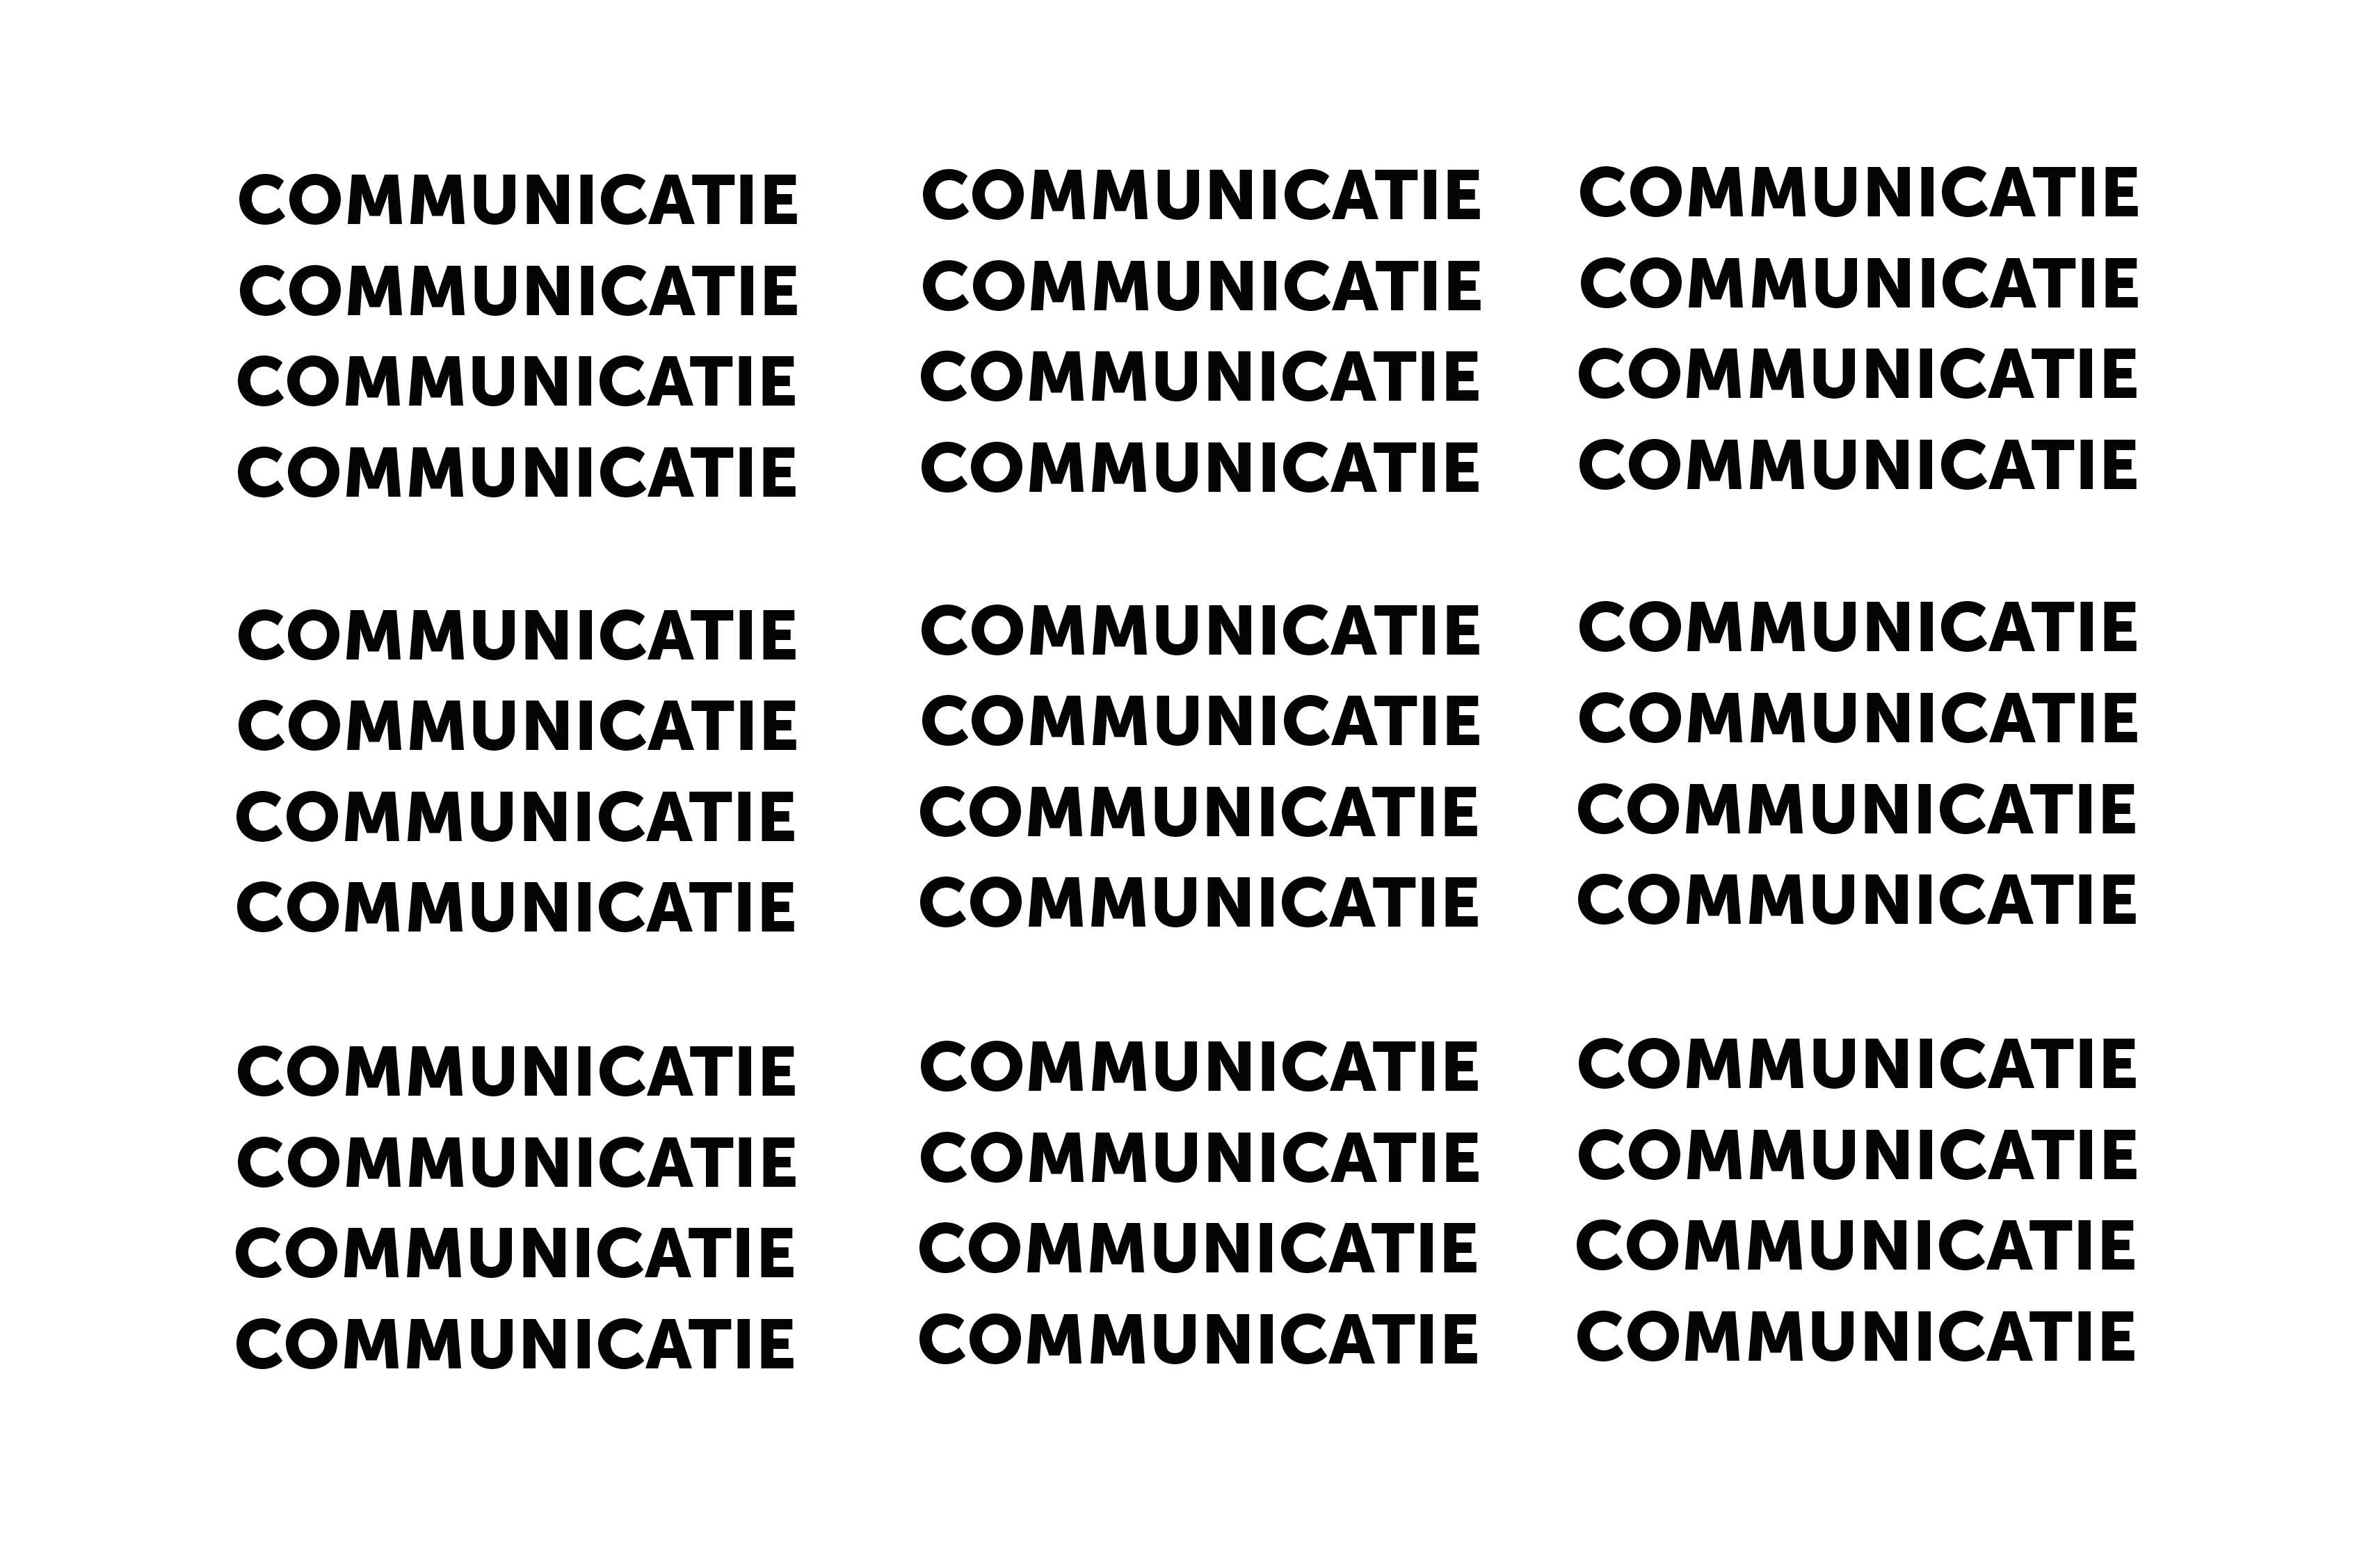 communicatie_Tekengebied 1